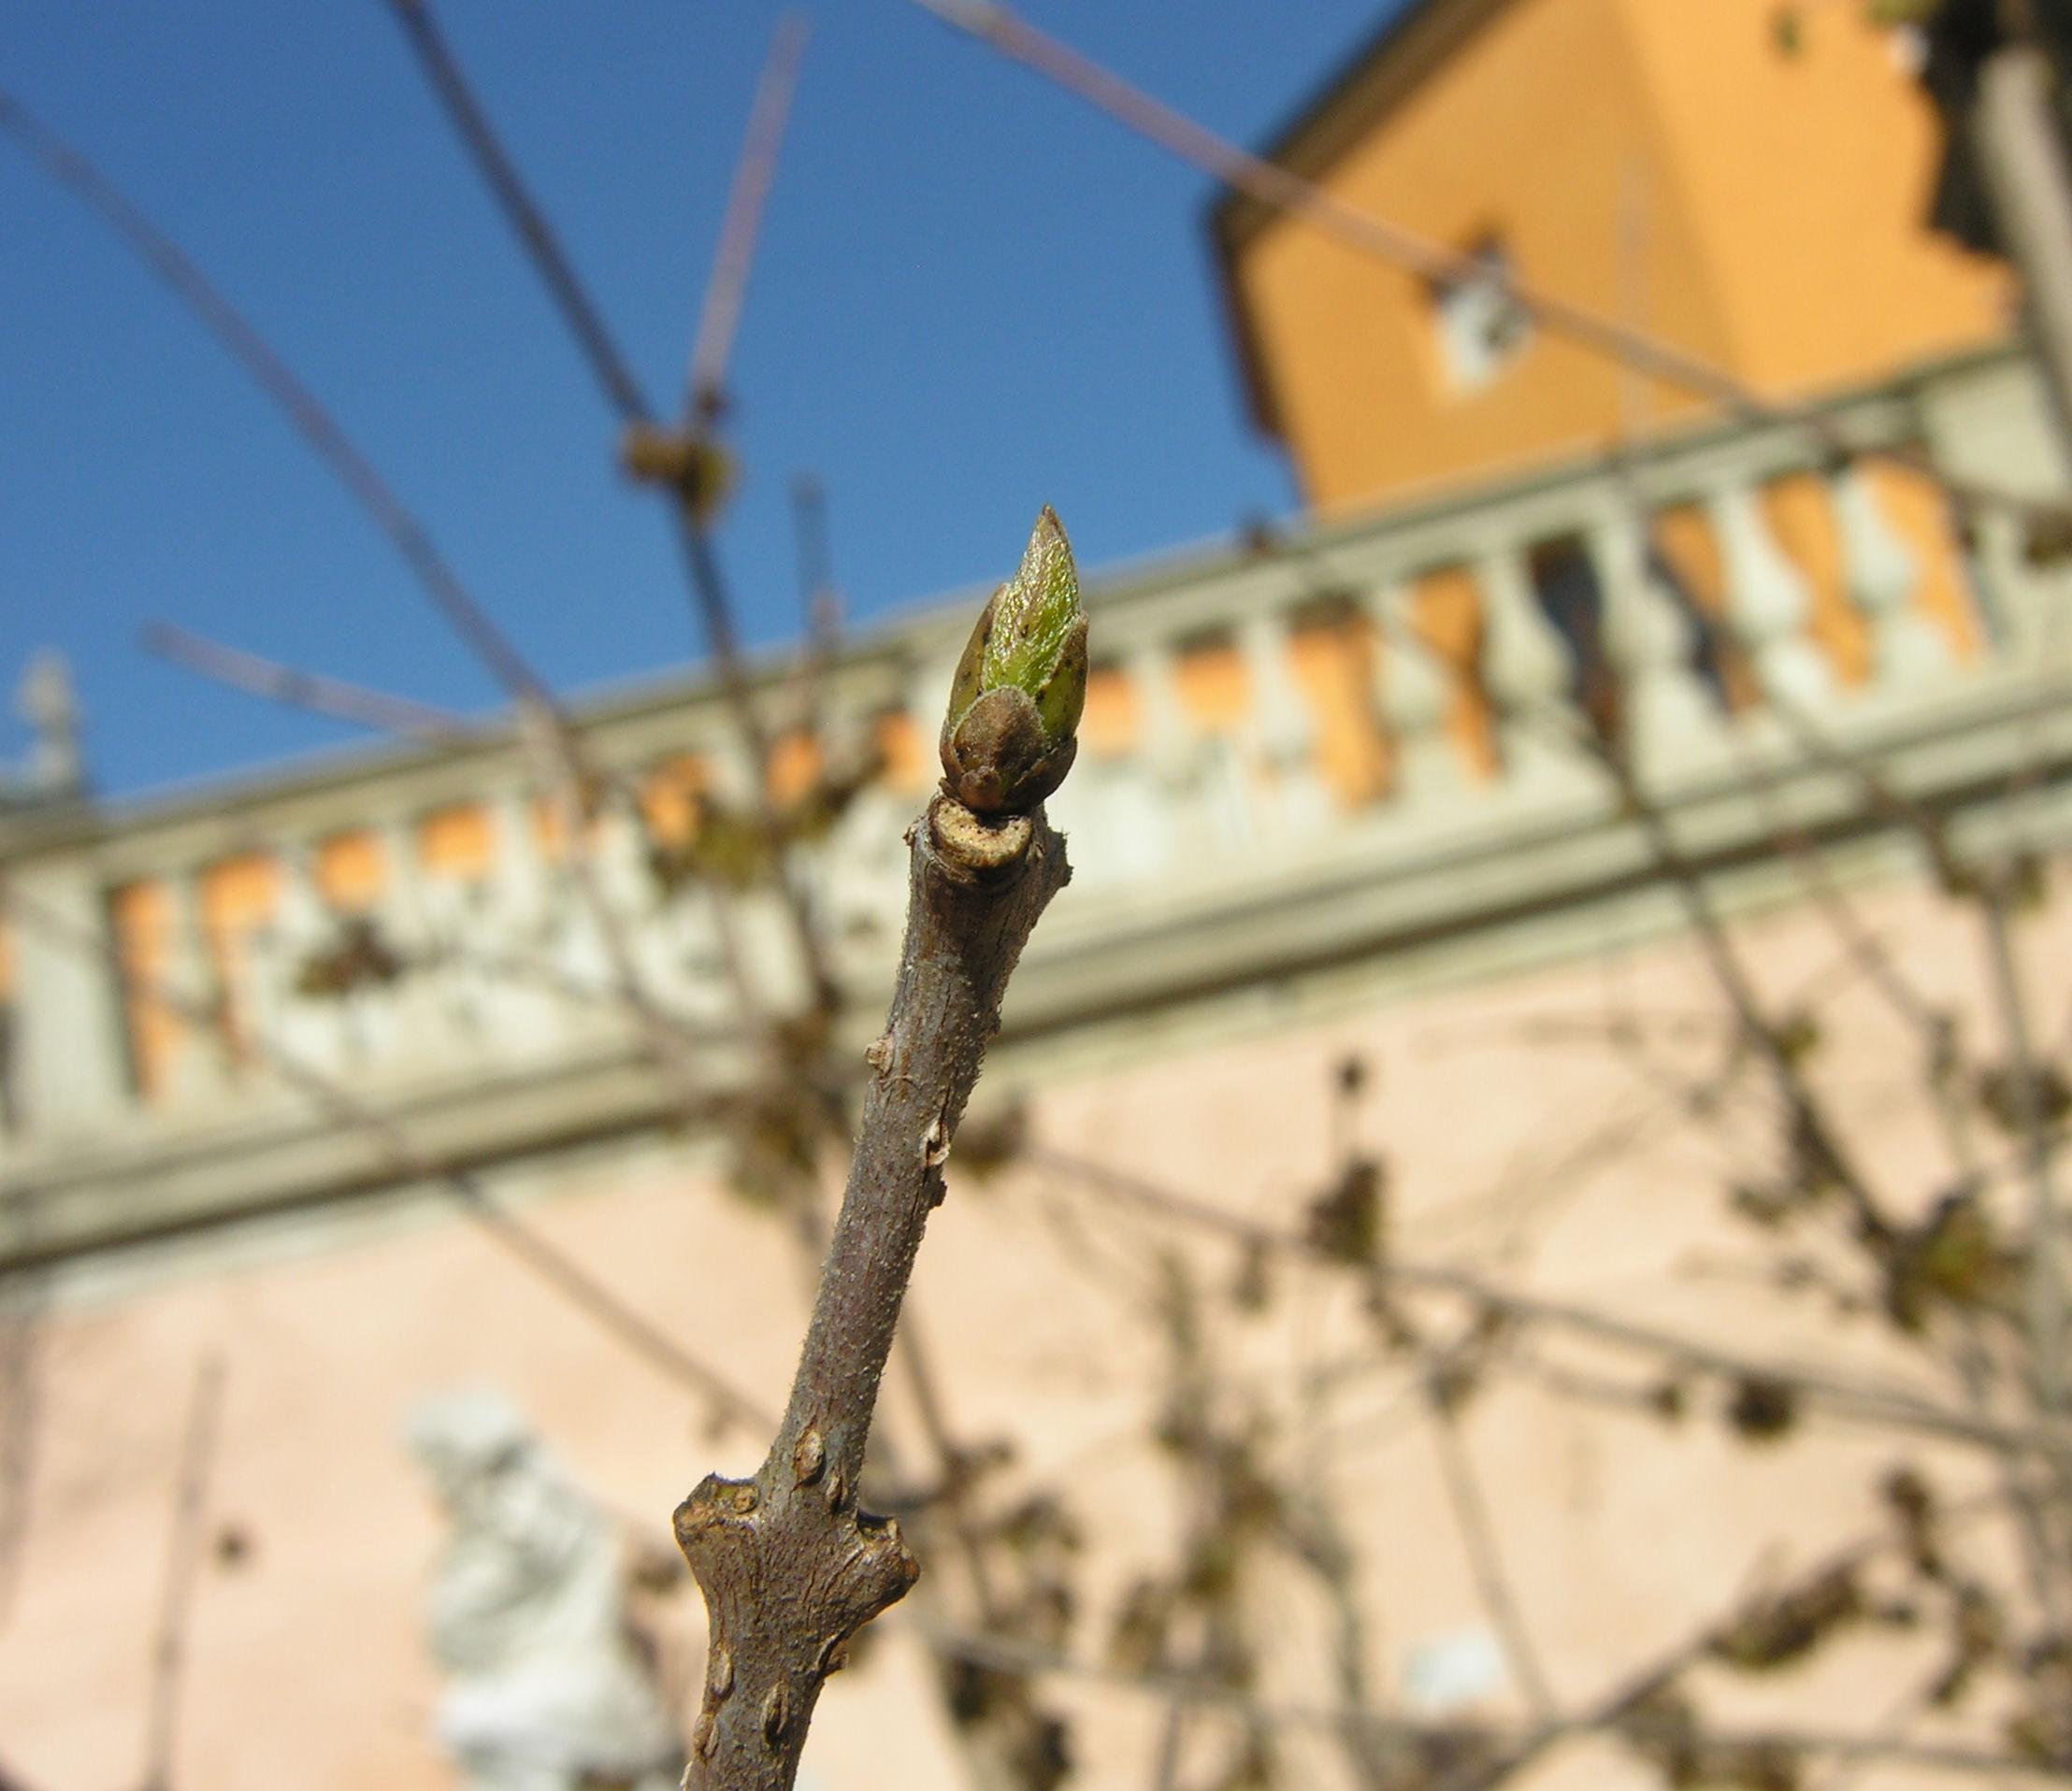 © Dipartimento di Scienze della Vita, Università degli Studi di Trieste<br>by Andrea Moro<br>Comune di Padova, Orto Botanico, PD, Veneto, Italia, 08/03/2010<br>Distributed under CC-BY-SA 4.0 license.